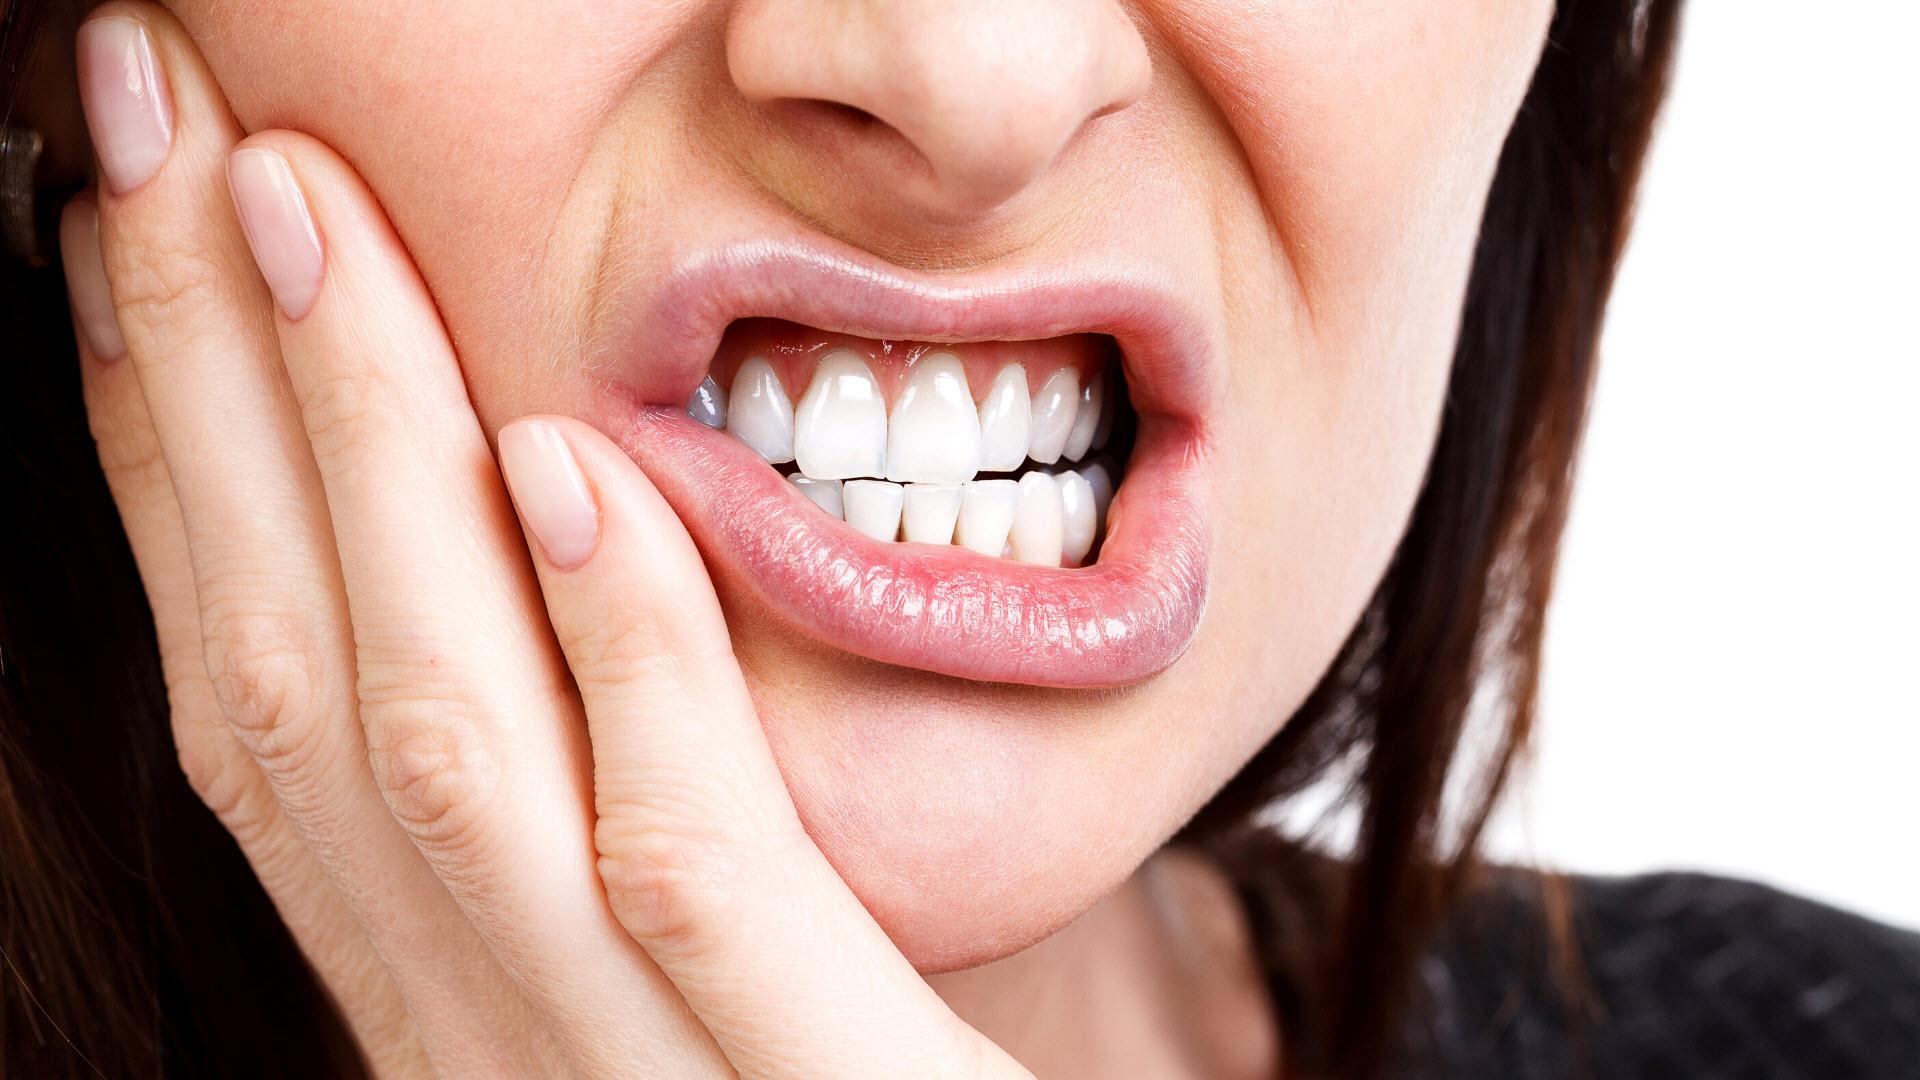 Odontovida Cali – Atendemos Urgencias Odontológicas 24 Horas en Cali